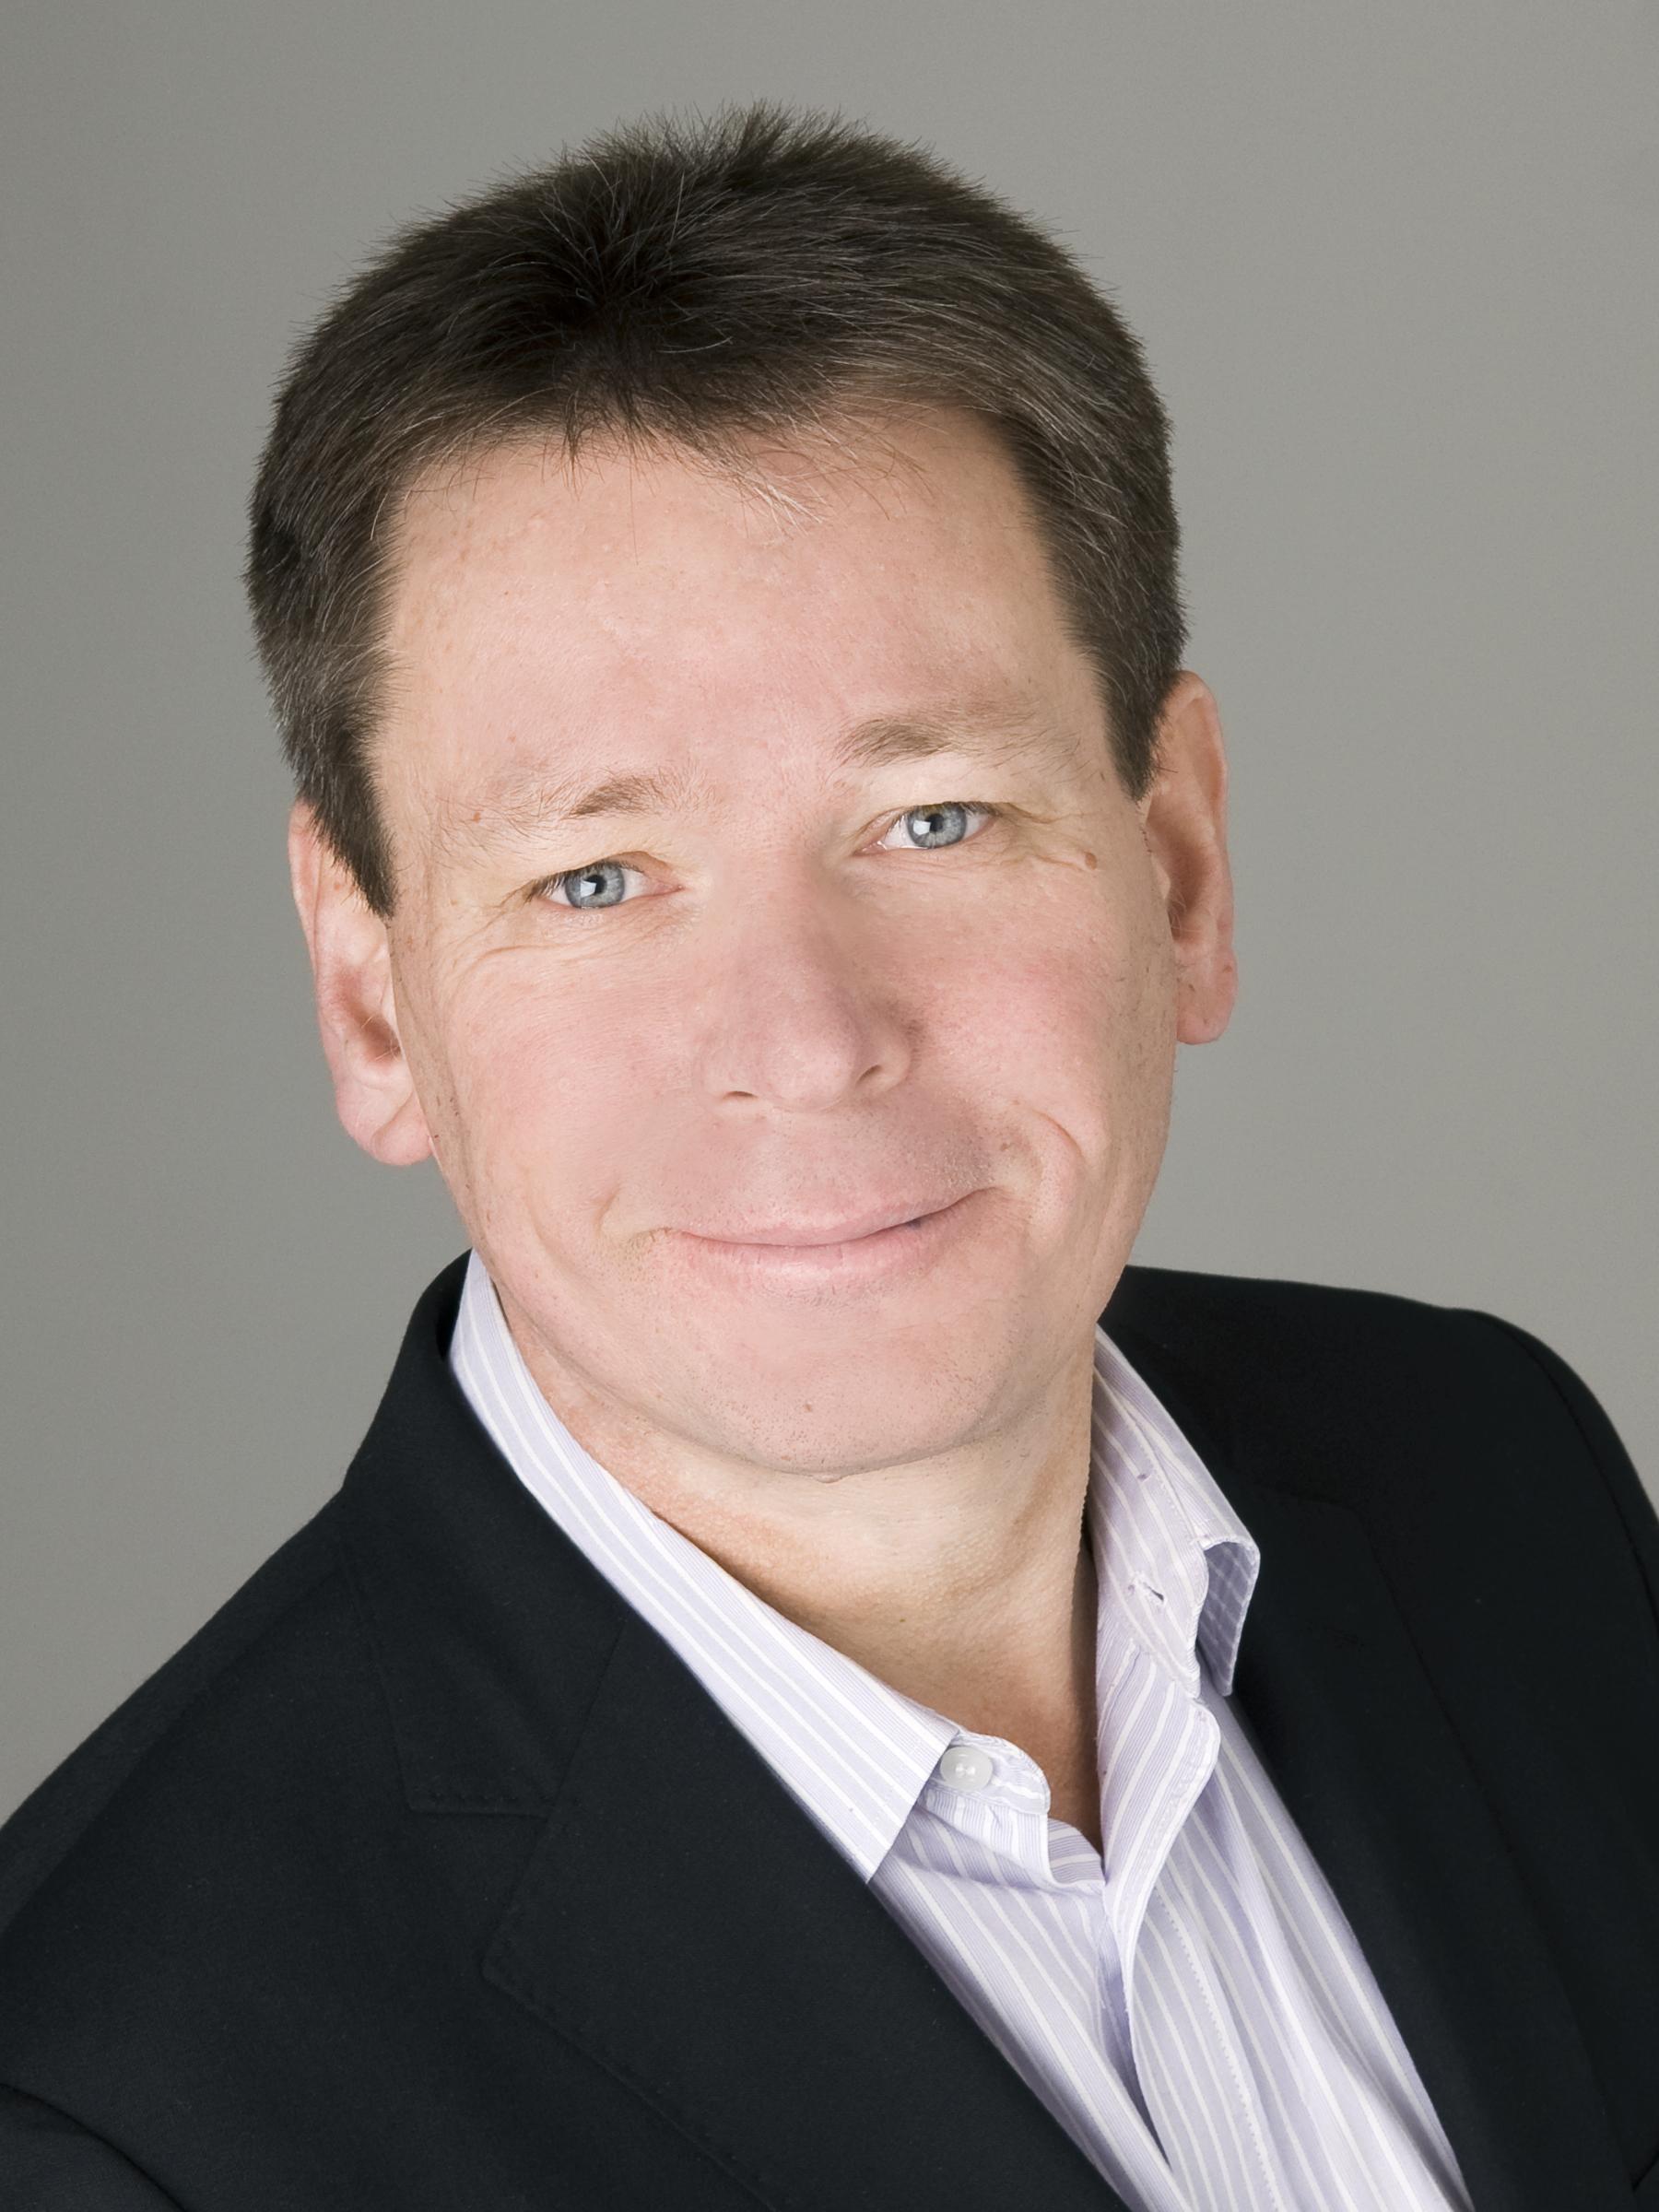 Matthew, der Autor des Artikels über die Möglichkeiten, die Blockchain bietet.